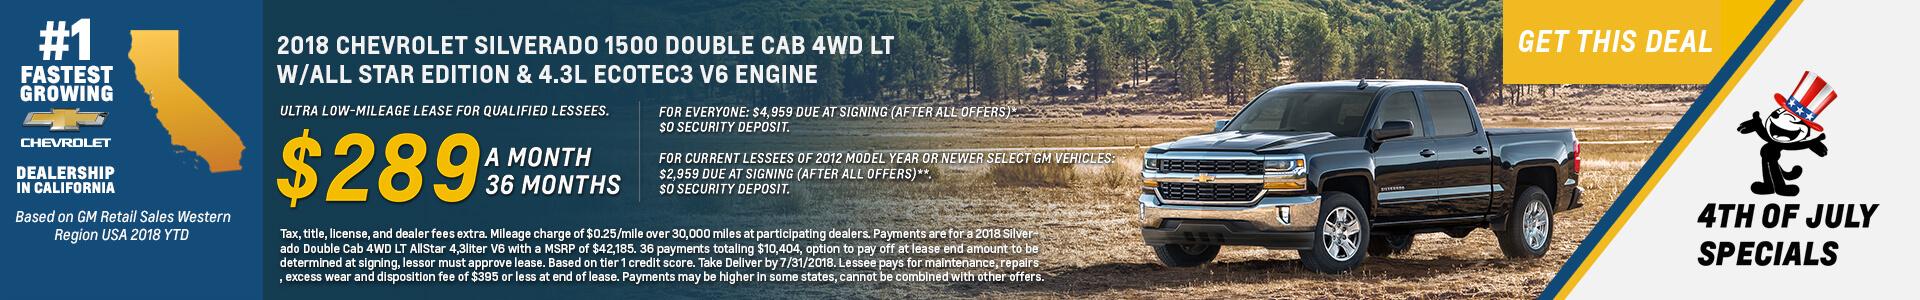 Chevrolet Silverado $289 Lease